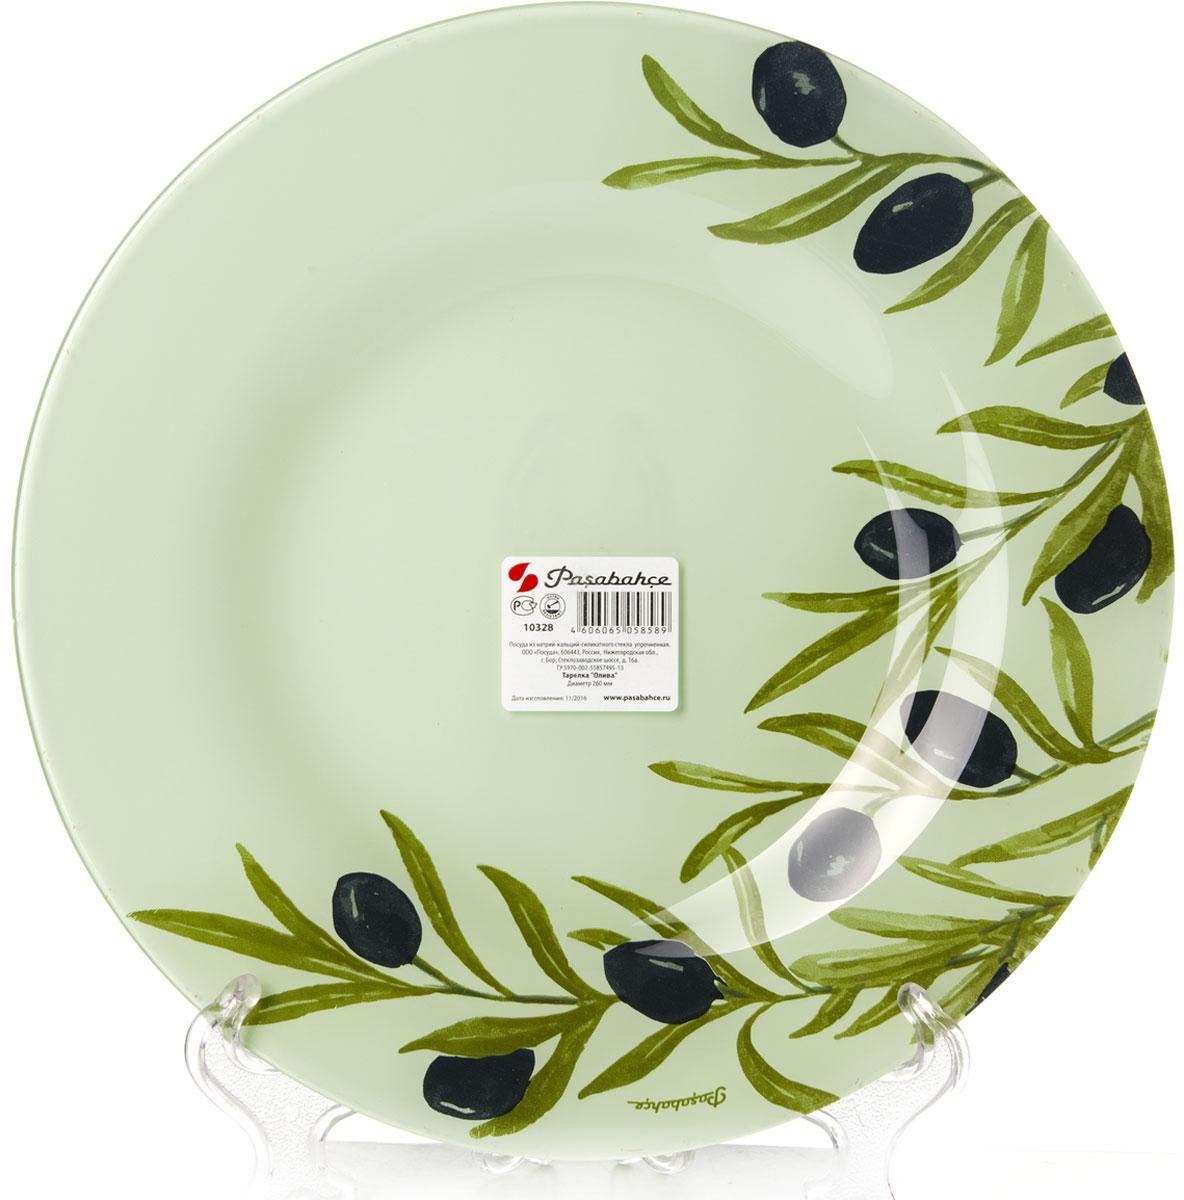 Тарелка Pasabahce Олива, диаметр 26 см10328SLBD35Тарелка Pasabahce Олива выполнена из качественногостекла и украшена рисунком. Тарелка прекрасно подойдет в качестве сервировочного блюда для фруктов, десертов, закусок, торта и другого.Изящная тарелка прекрасно оформит праздничный стол и порадует вас и ваших гостей изысканным дизайном и формой. Диаметр тарелки: 26 см.